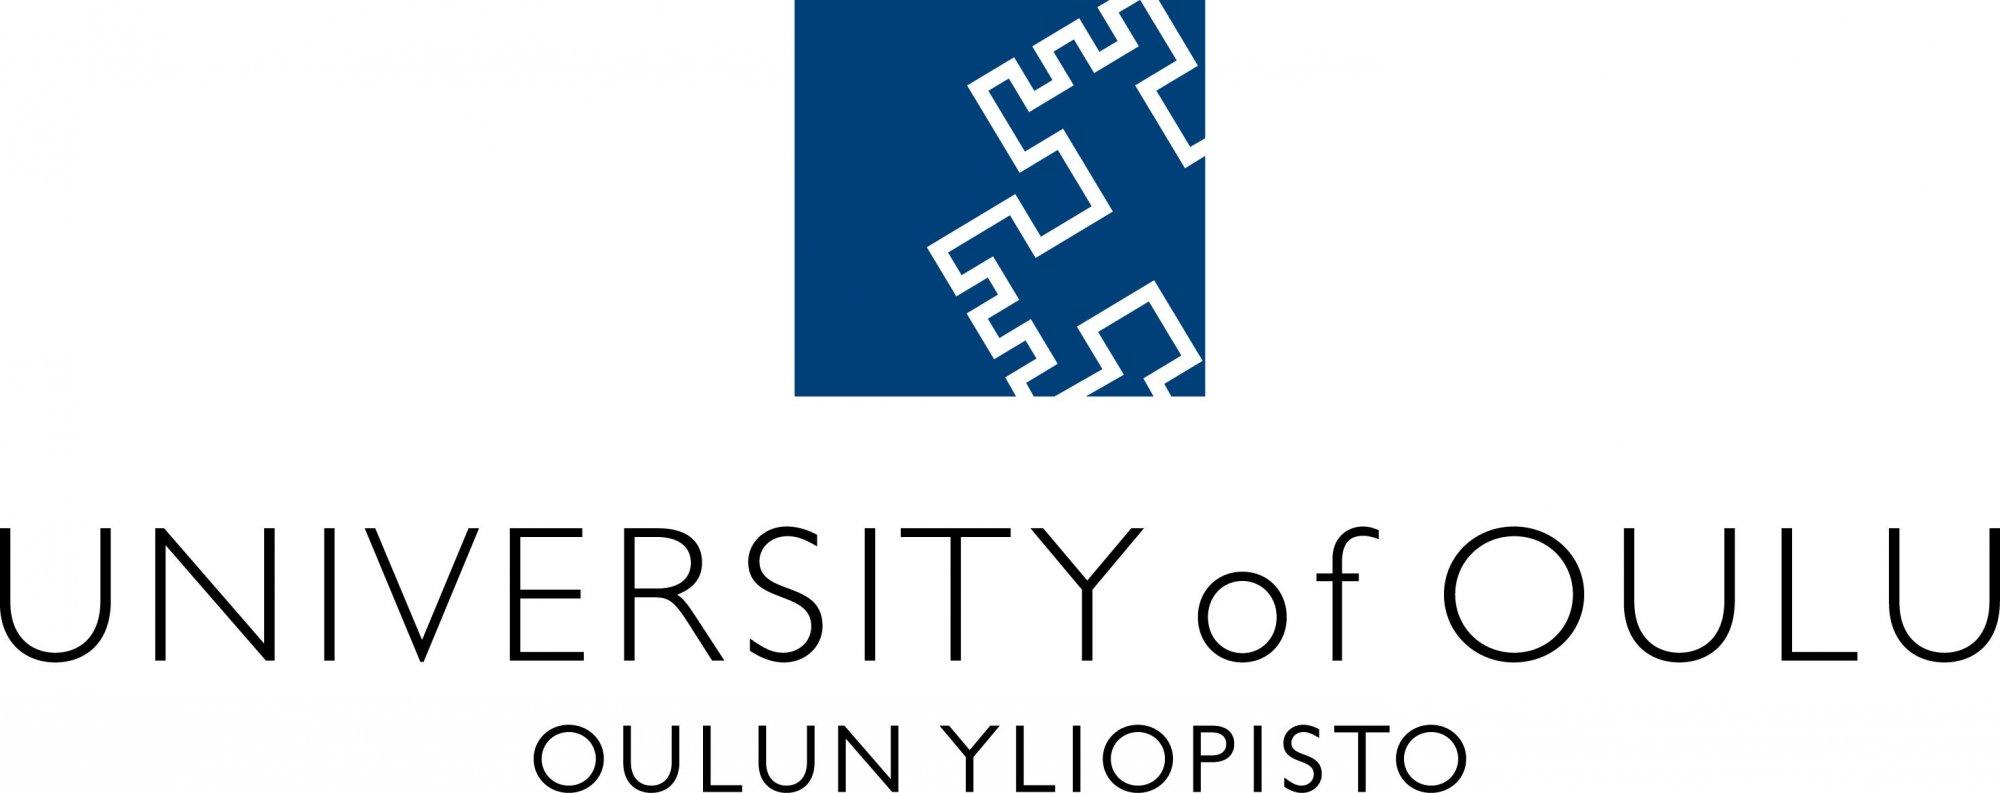 Oulun yo_pysty_eng